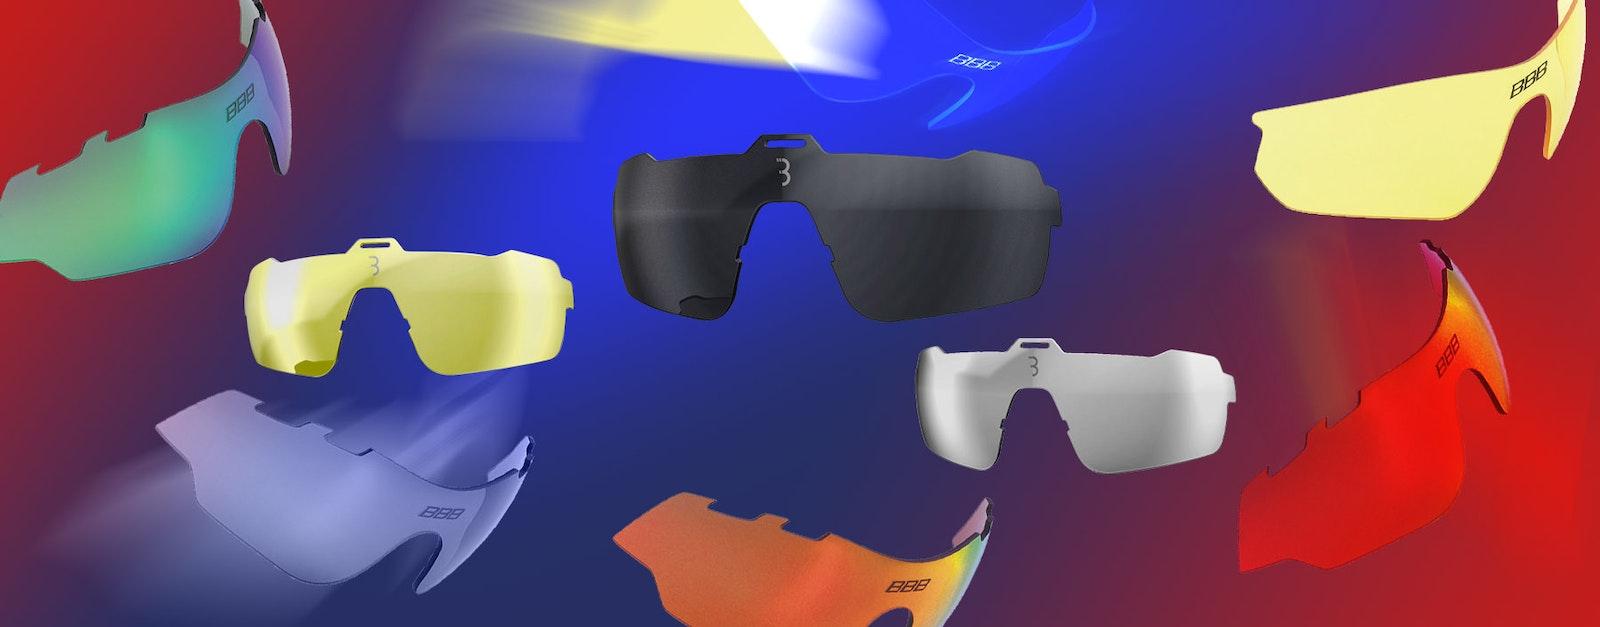 Types of lenses